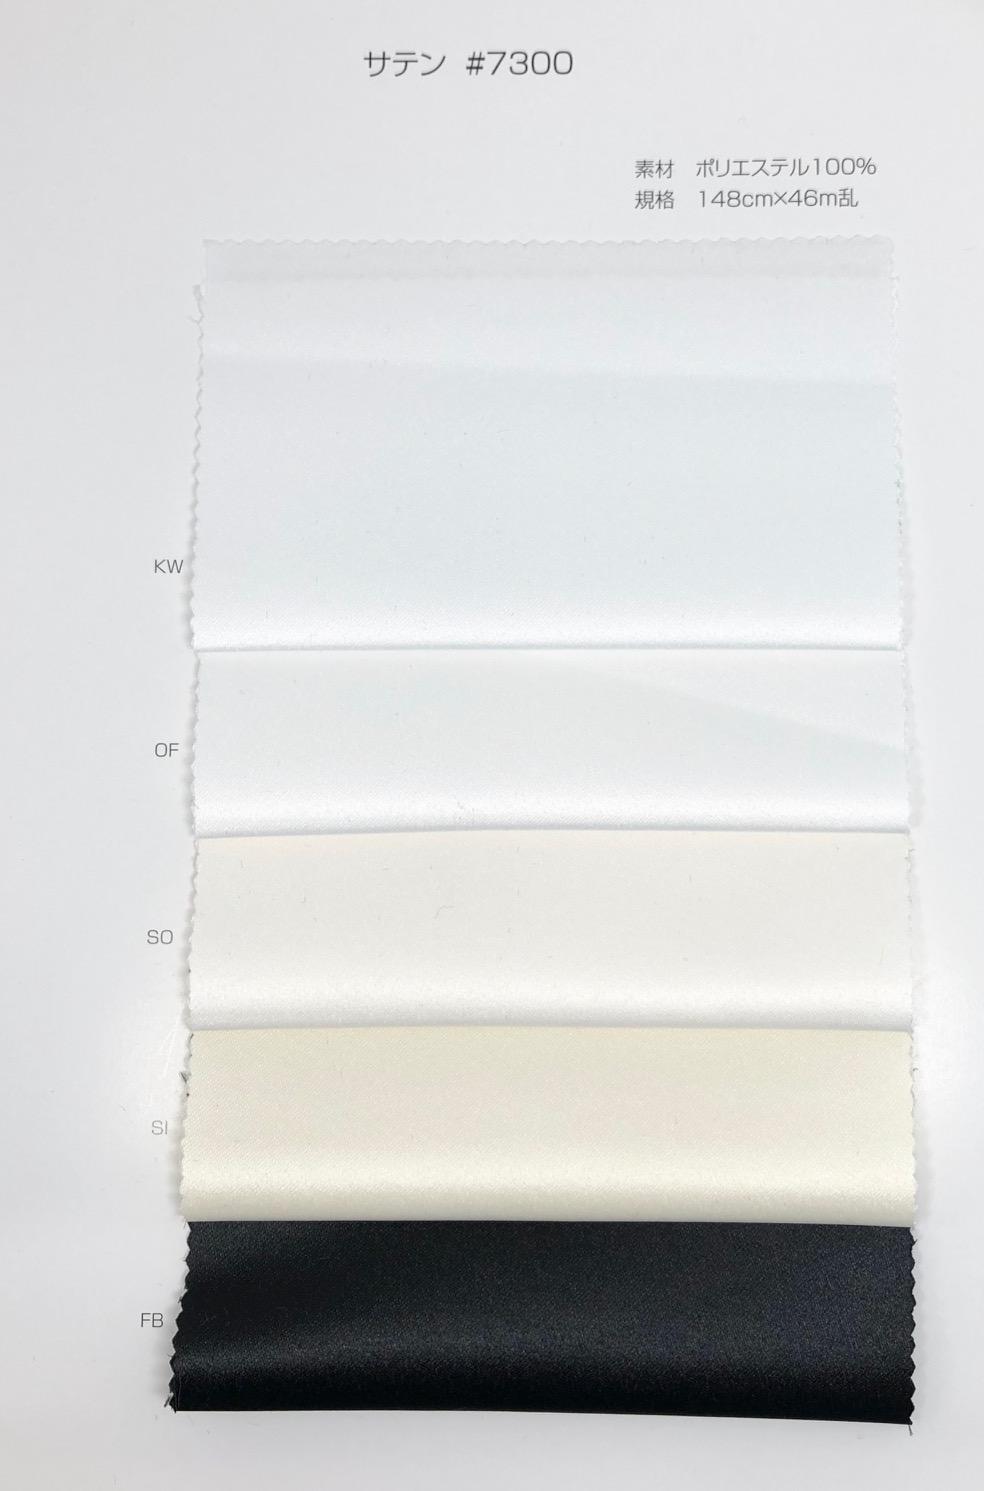 7300 ベーシックサテン(中厚)[生地] サンコロナ小田/オークラ商事 - ApparelX アパレル資材卸通販